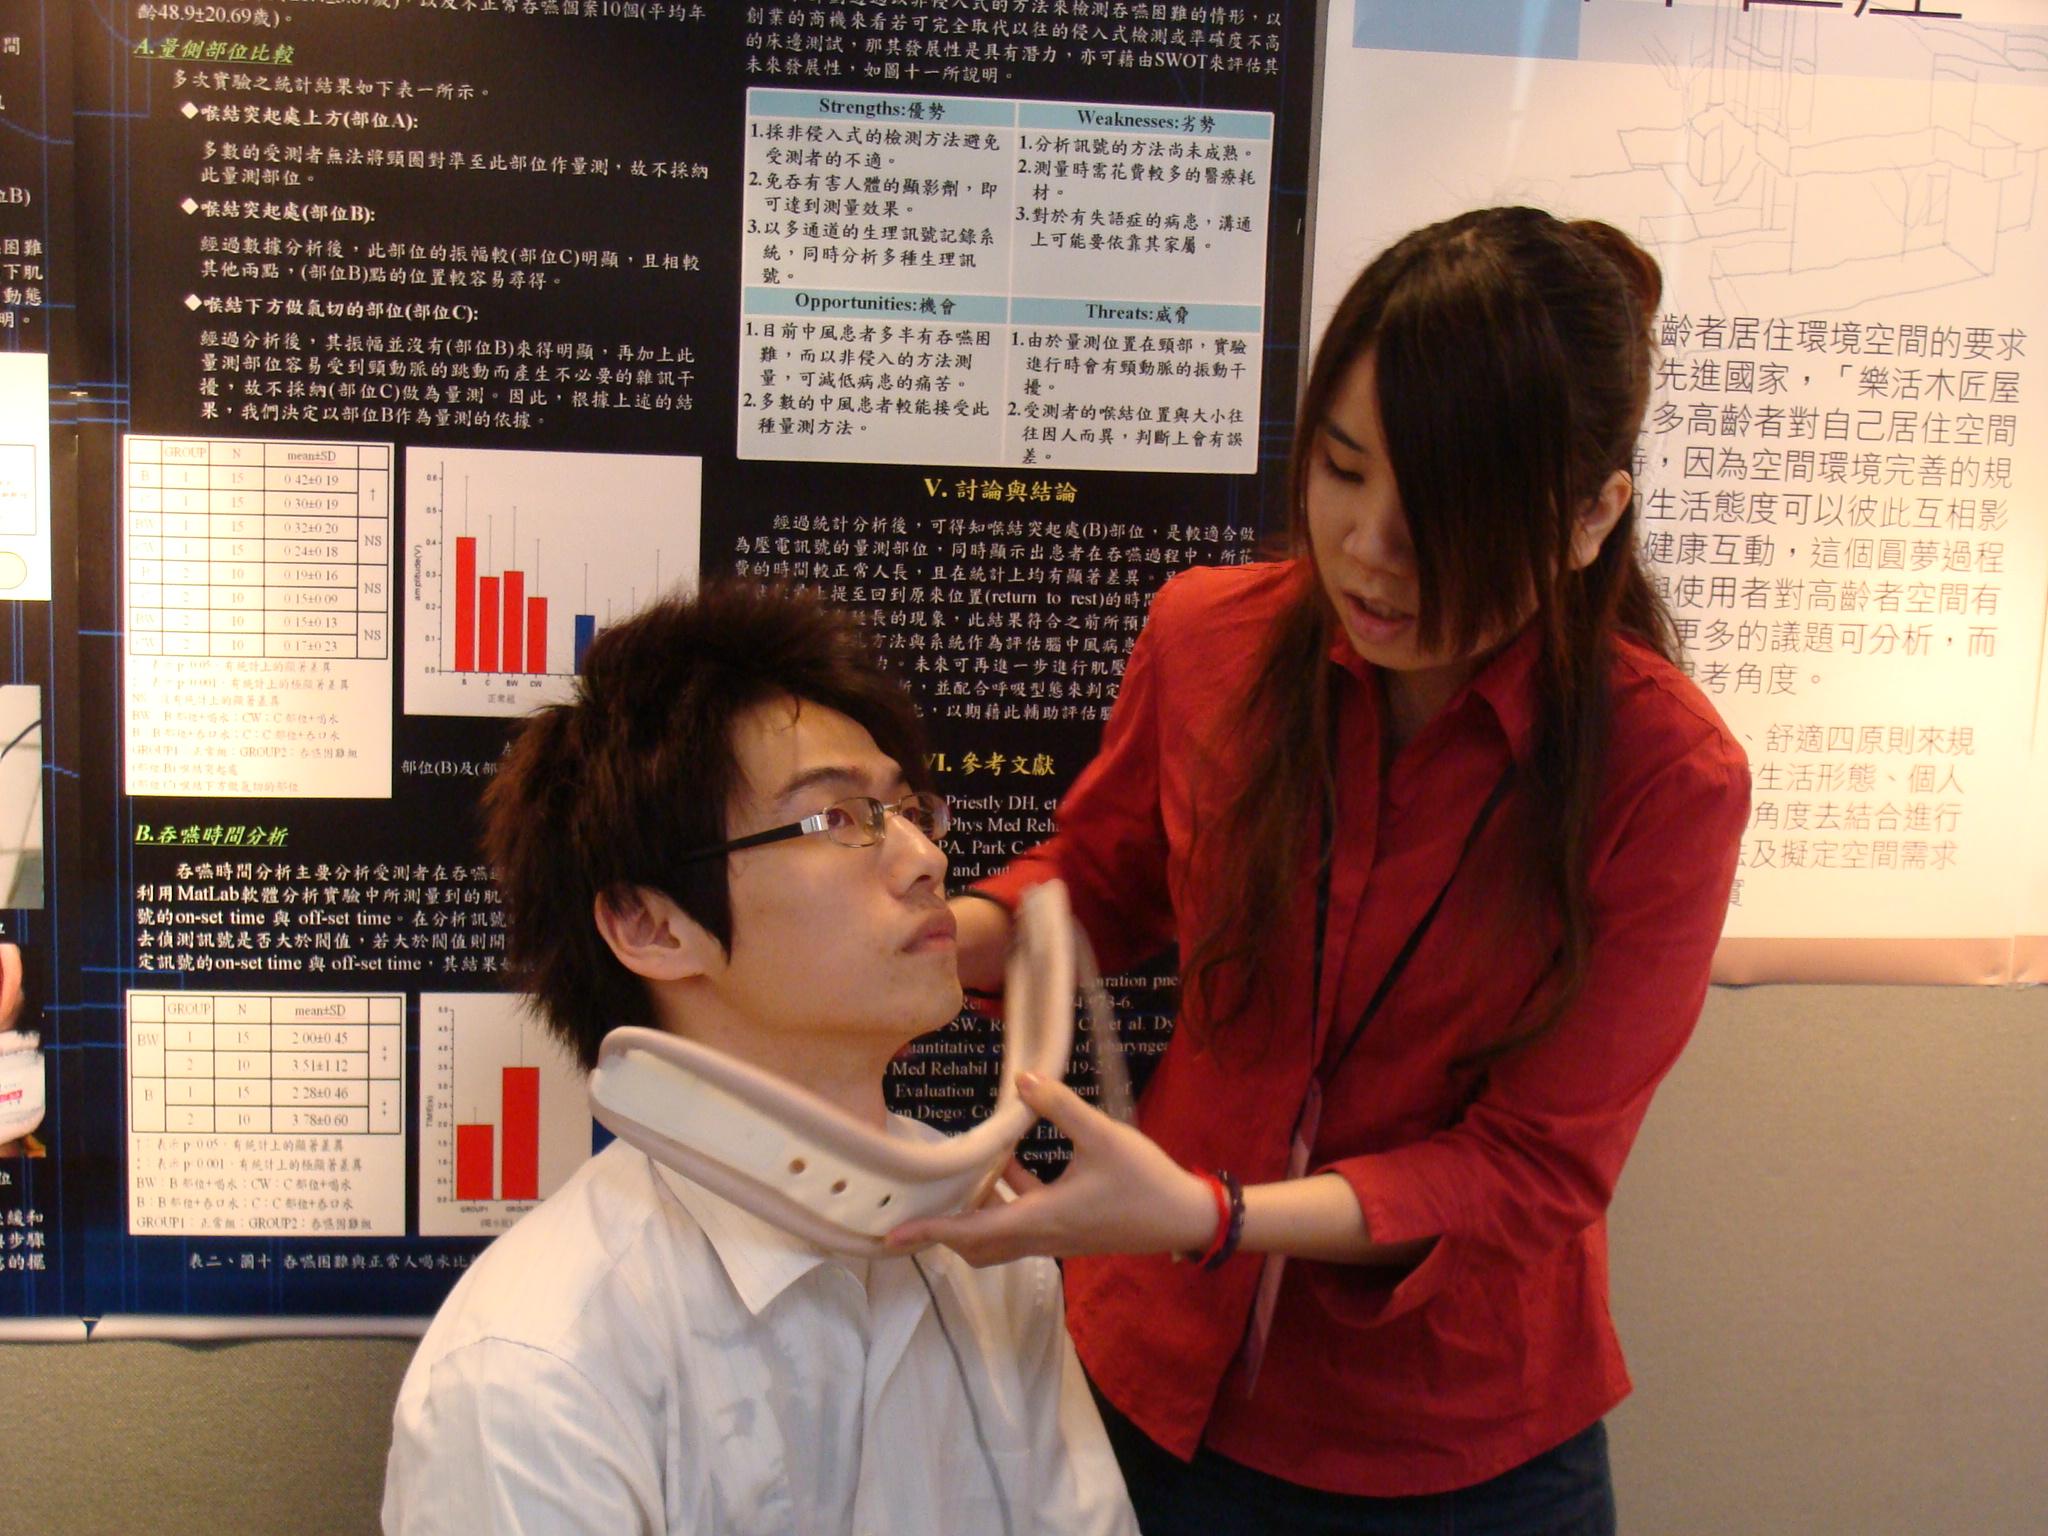 中原大學辦「三創實作競賽」 學生創意化為實作與專利